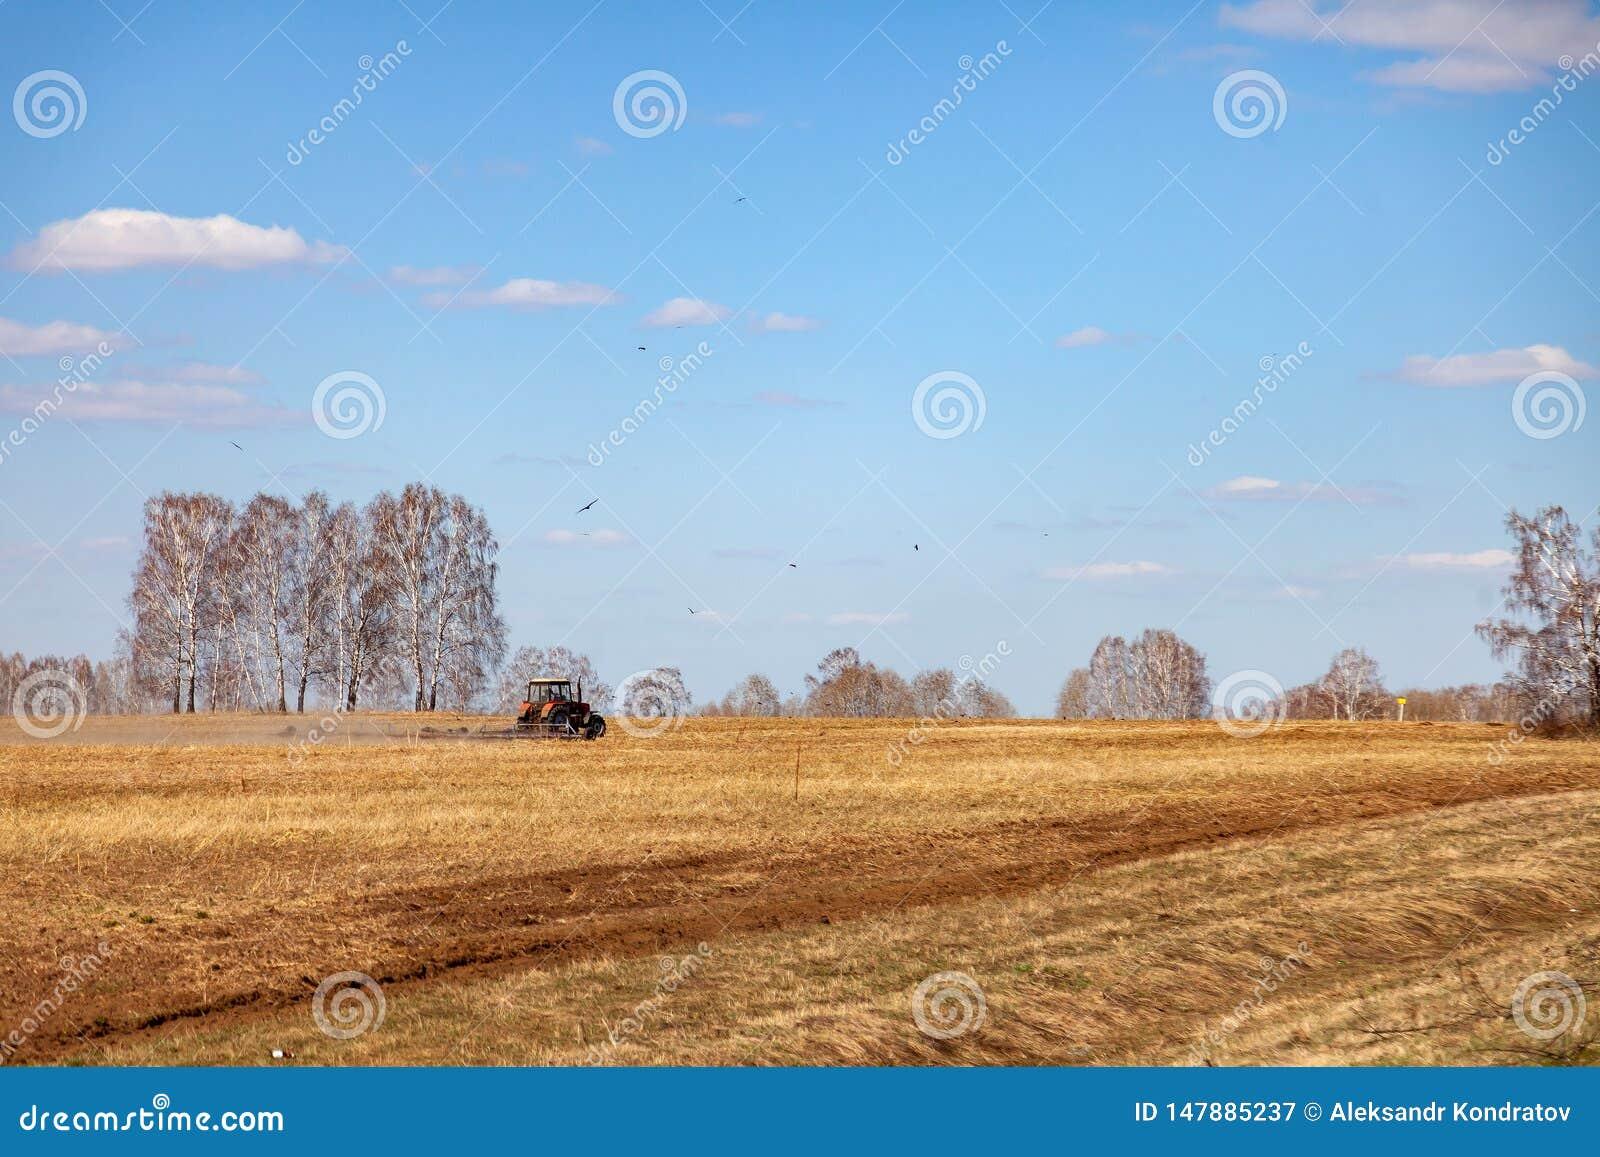 Trator vermelho com um arado arrastado para segar e remover ervas daninhas de campos para a agroind?stria da cor amarela sob o c?